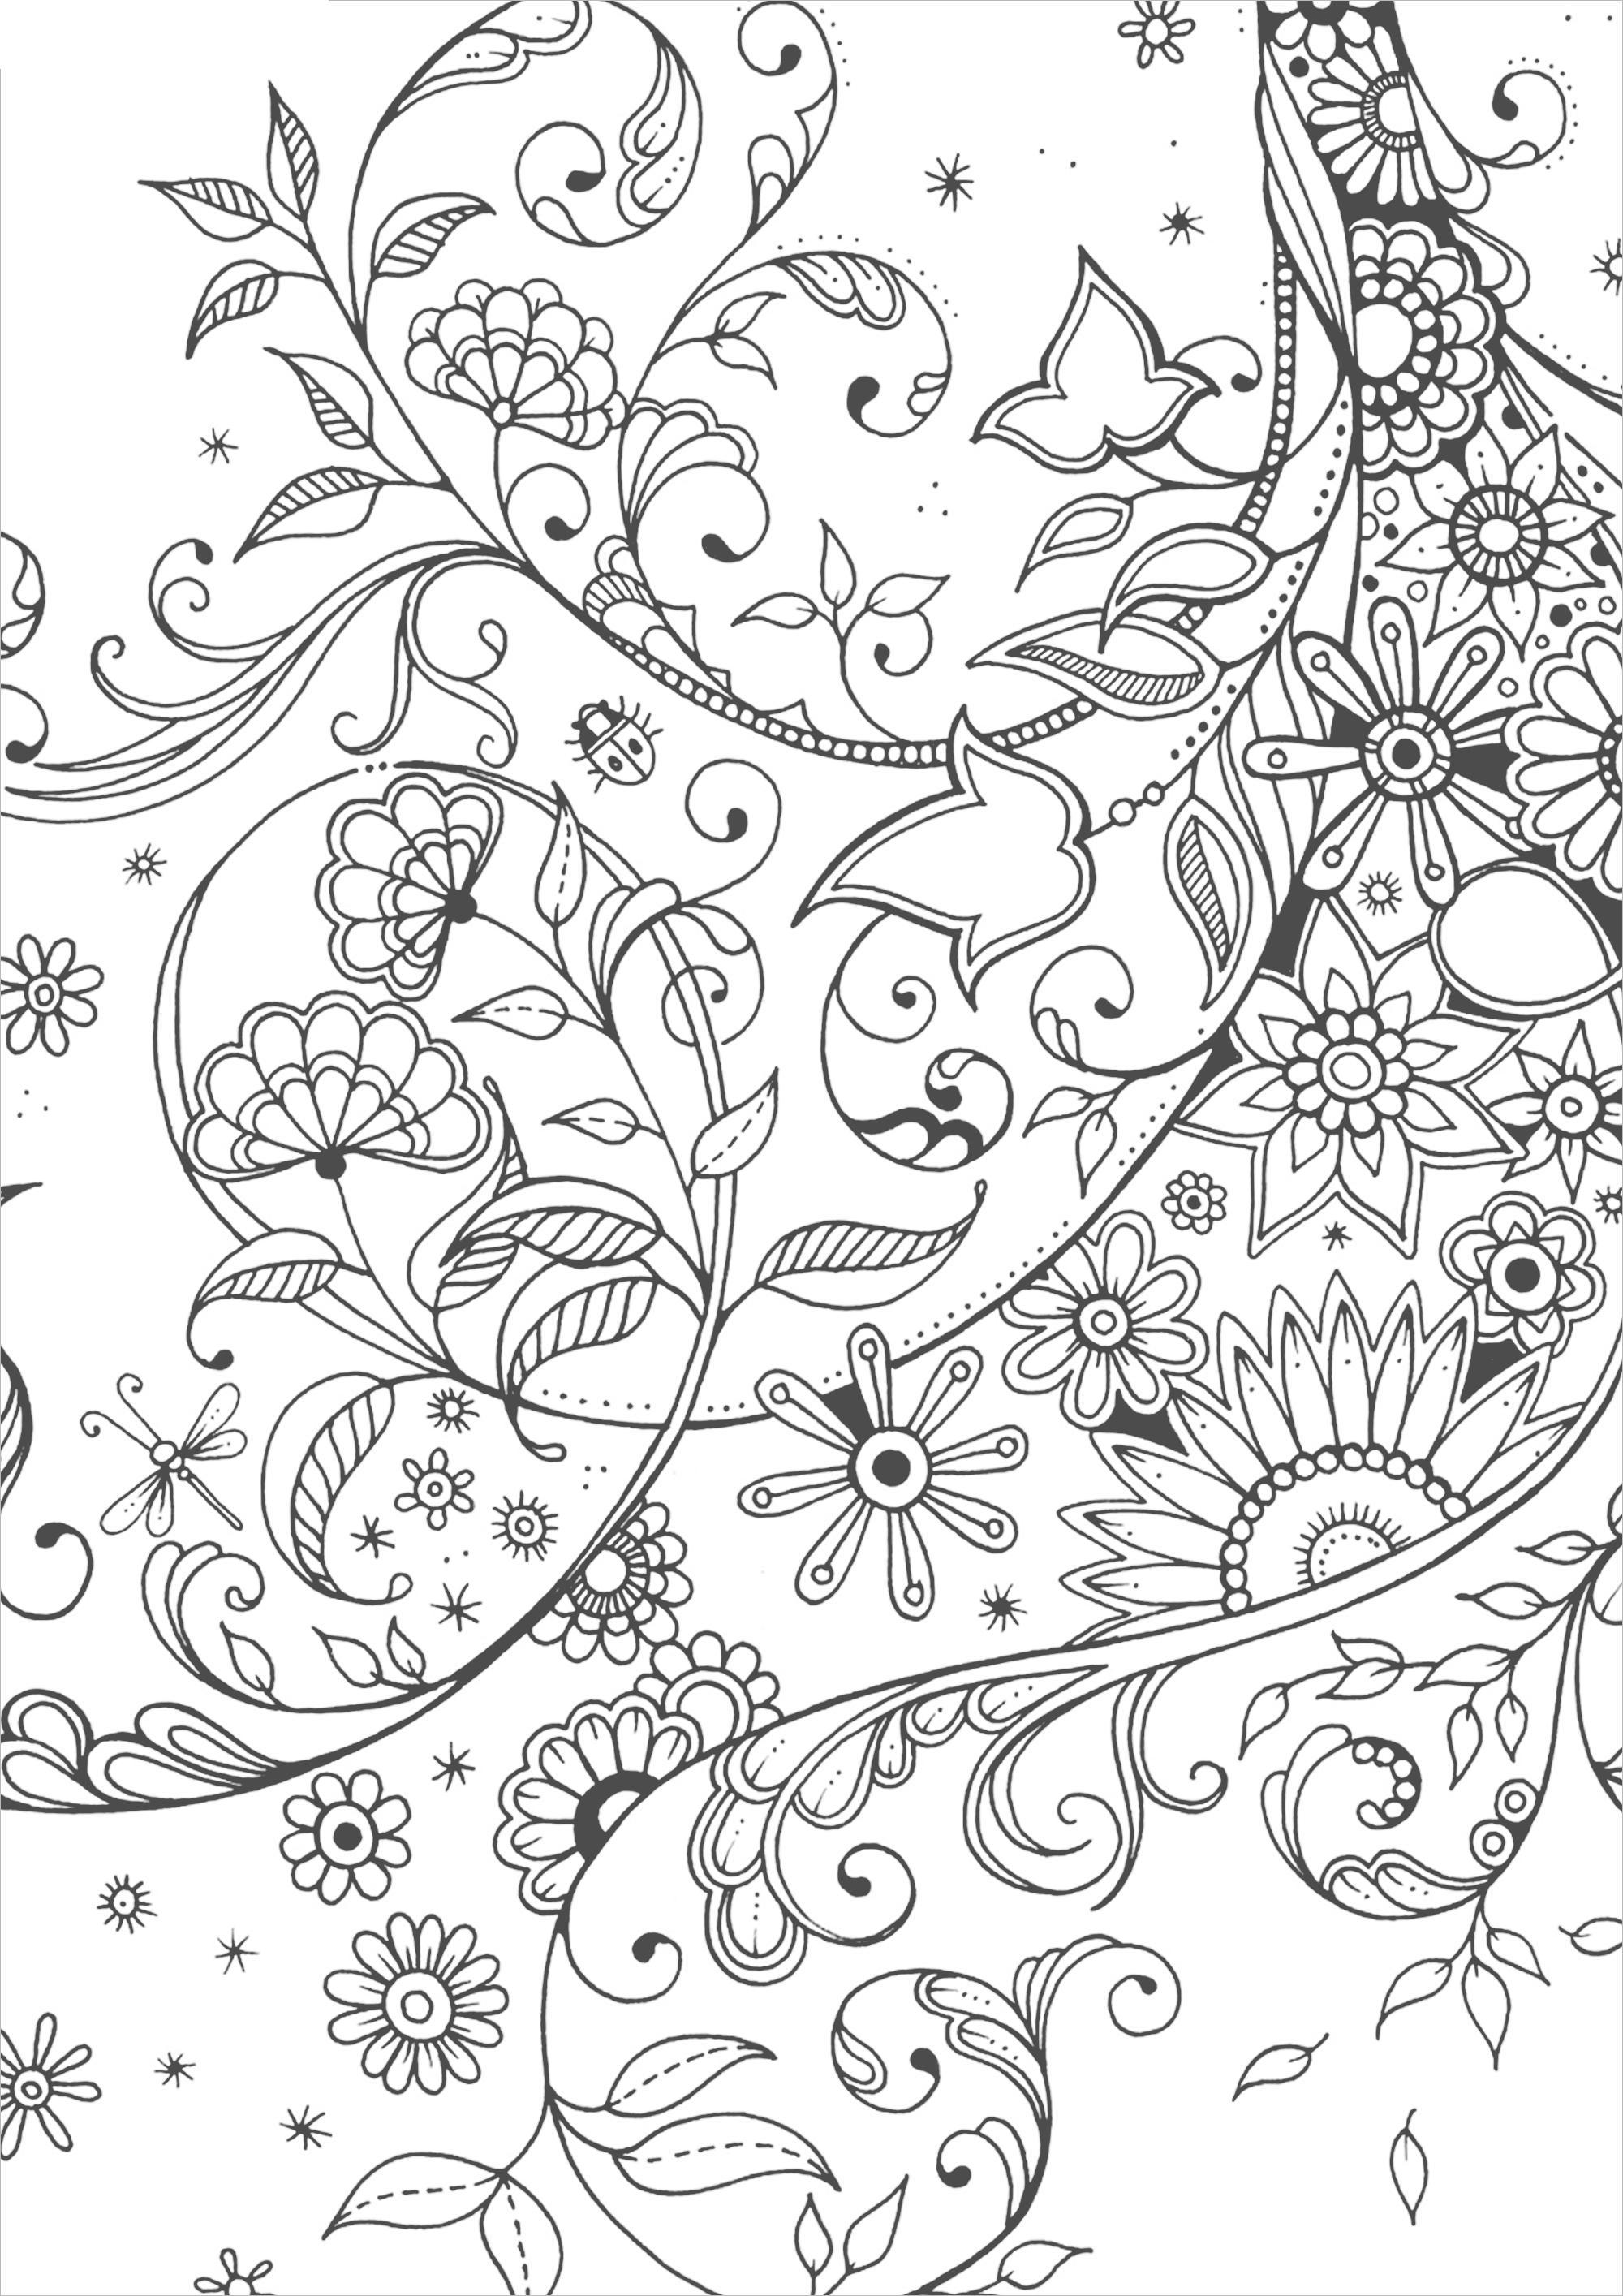 Раскраски антистресс, фантазия из цветов Раскраски цветы хорошего качества